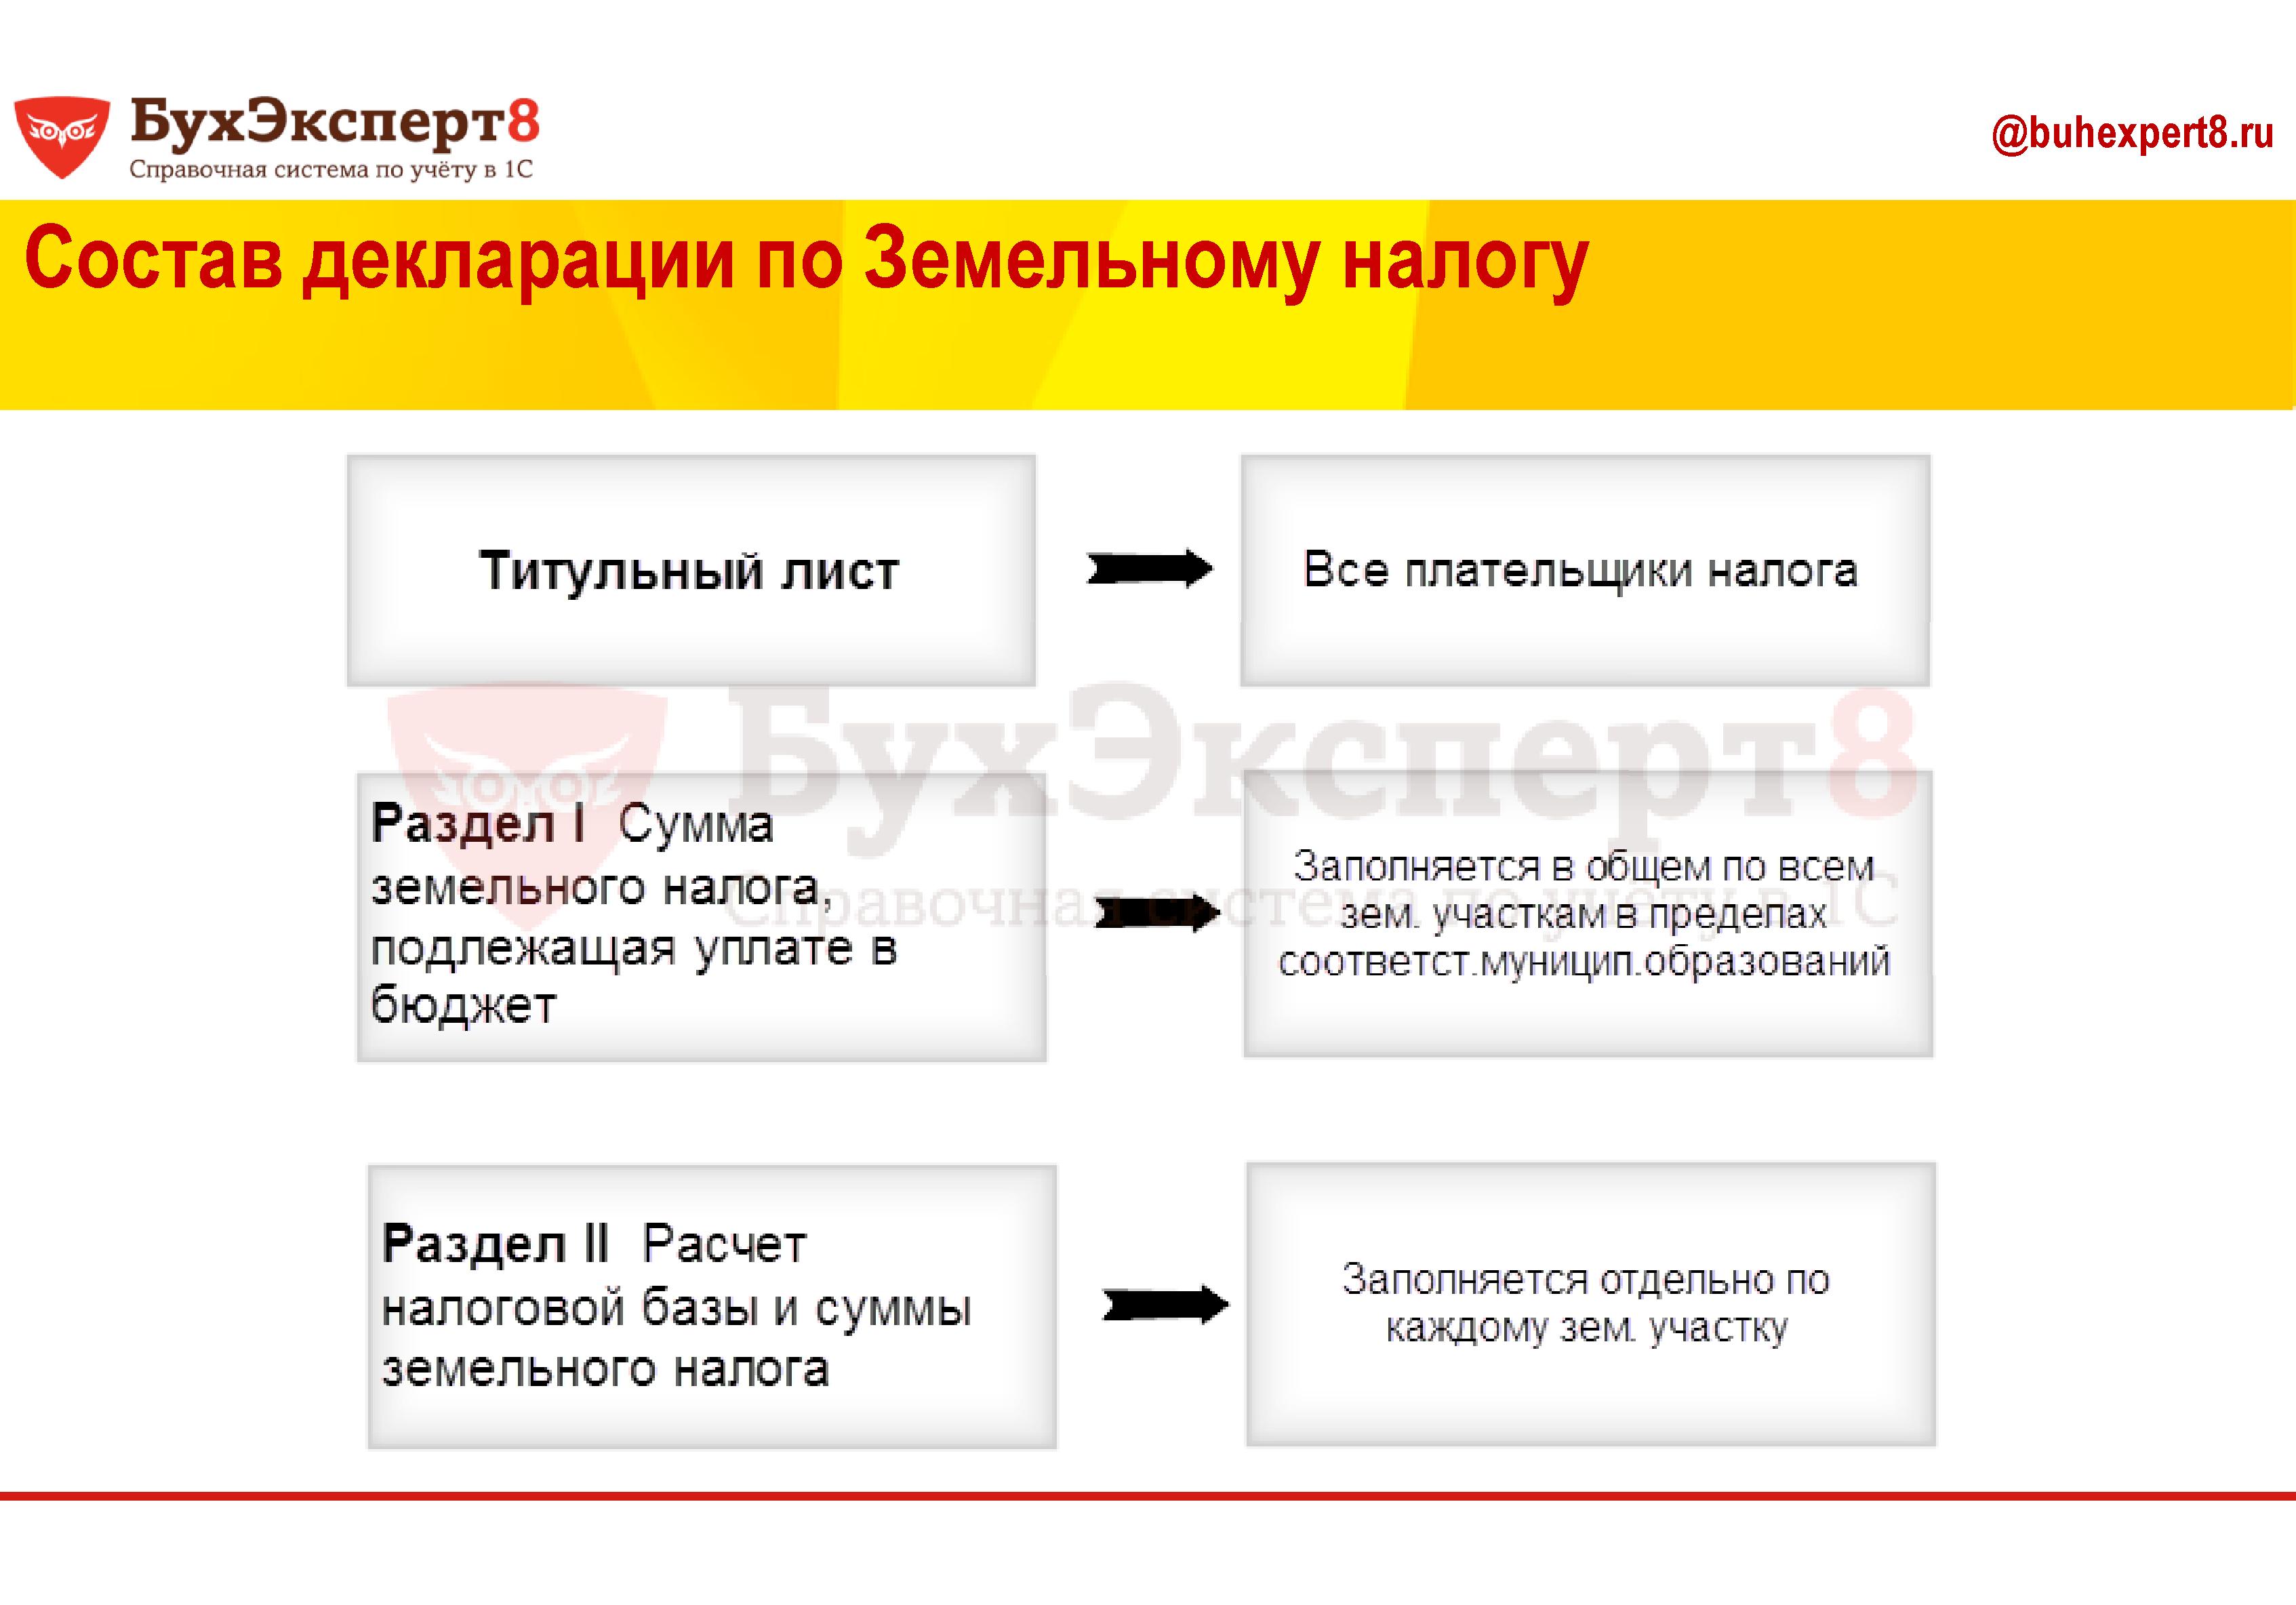 Состав декларации по Земельному налогу